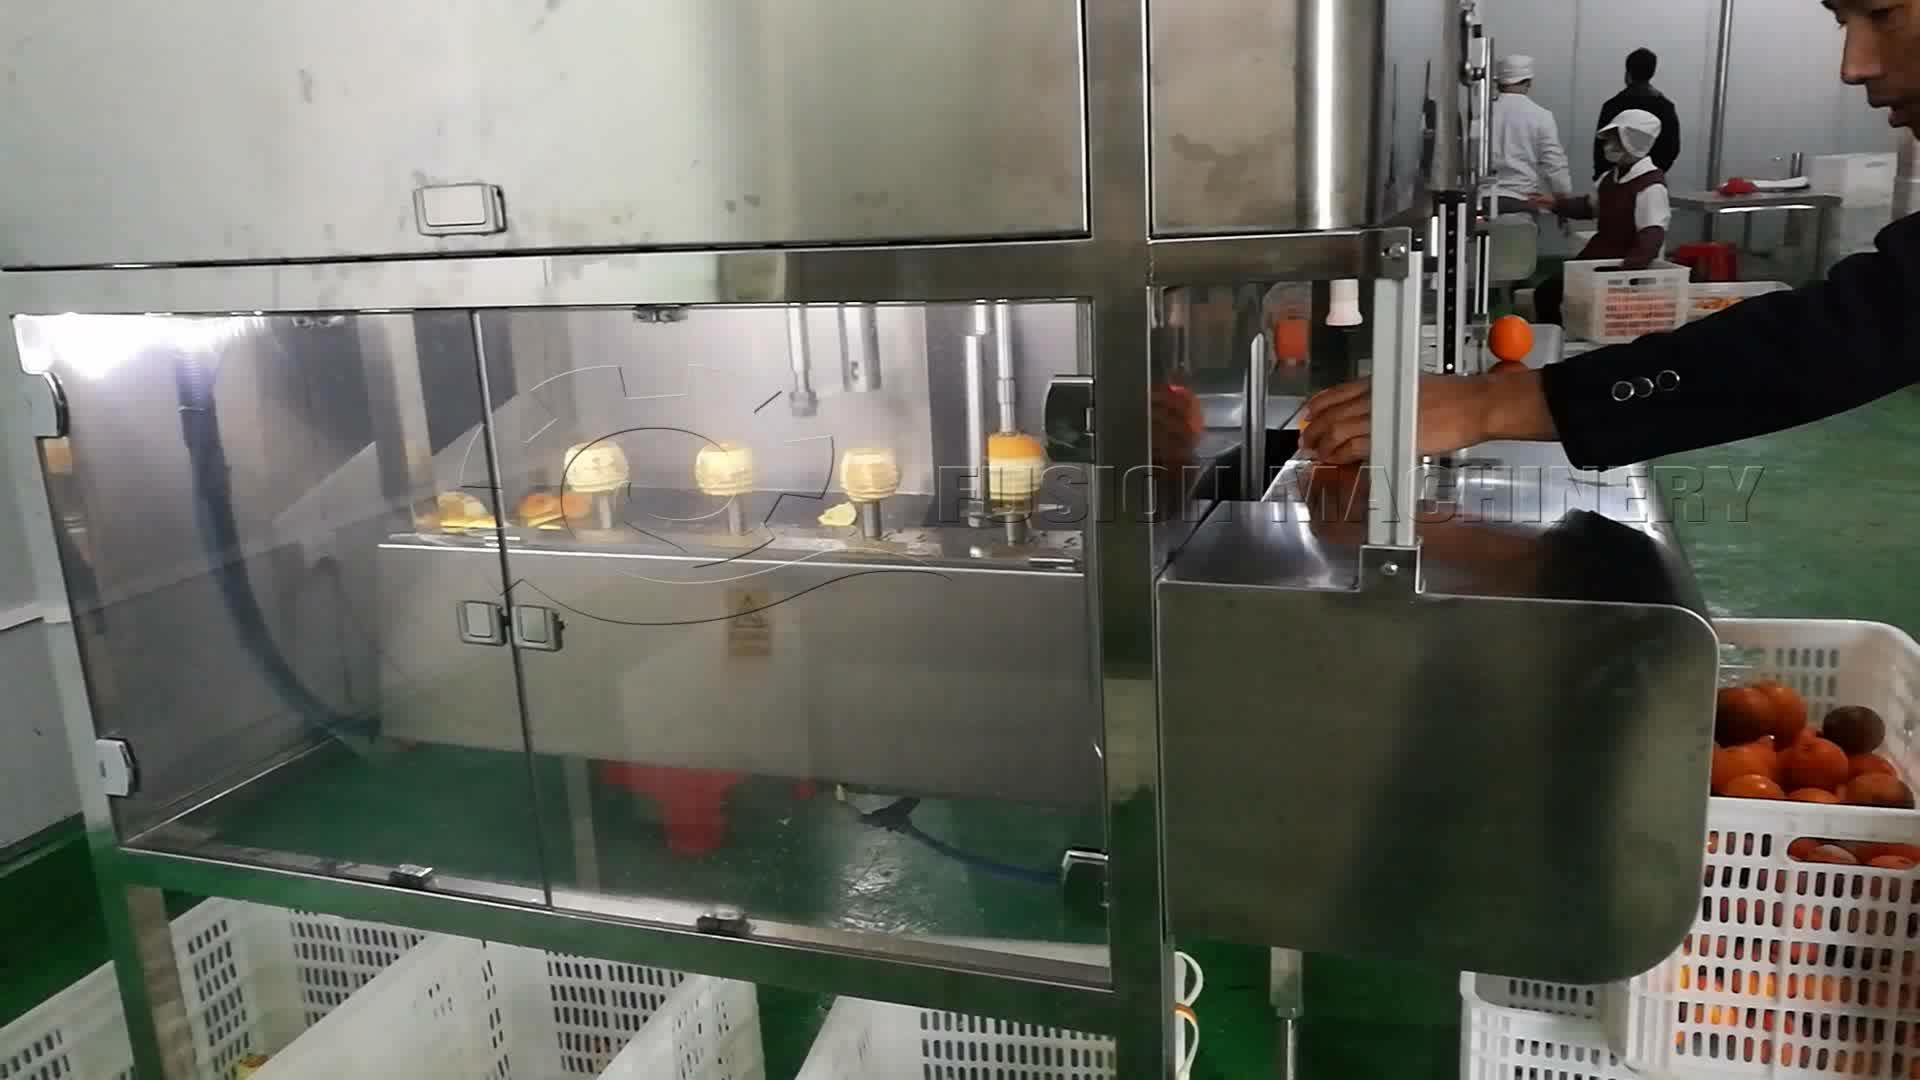 สแตนเลสเหล็กมะม่วงกำจัดผิว/ผลไม้ปอกเปลือกเครื่อง